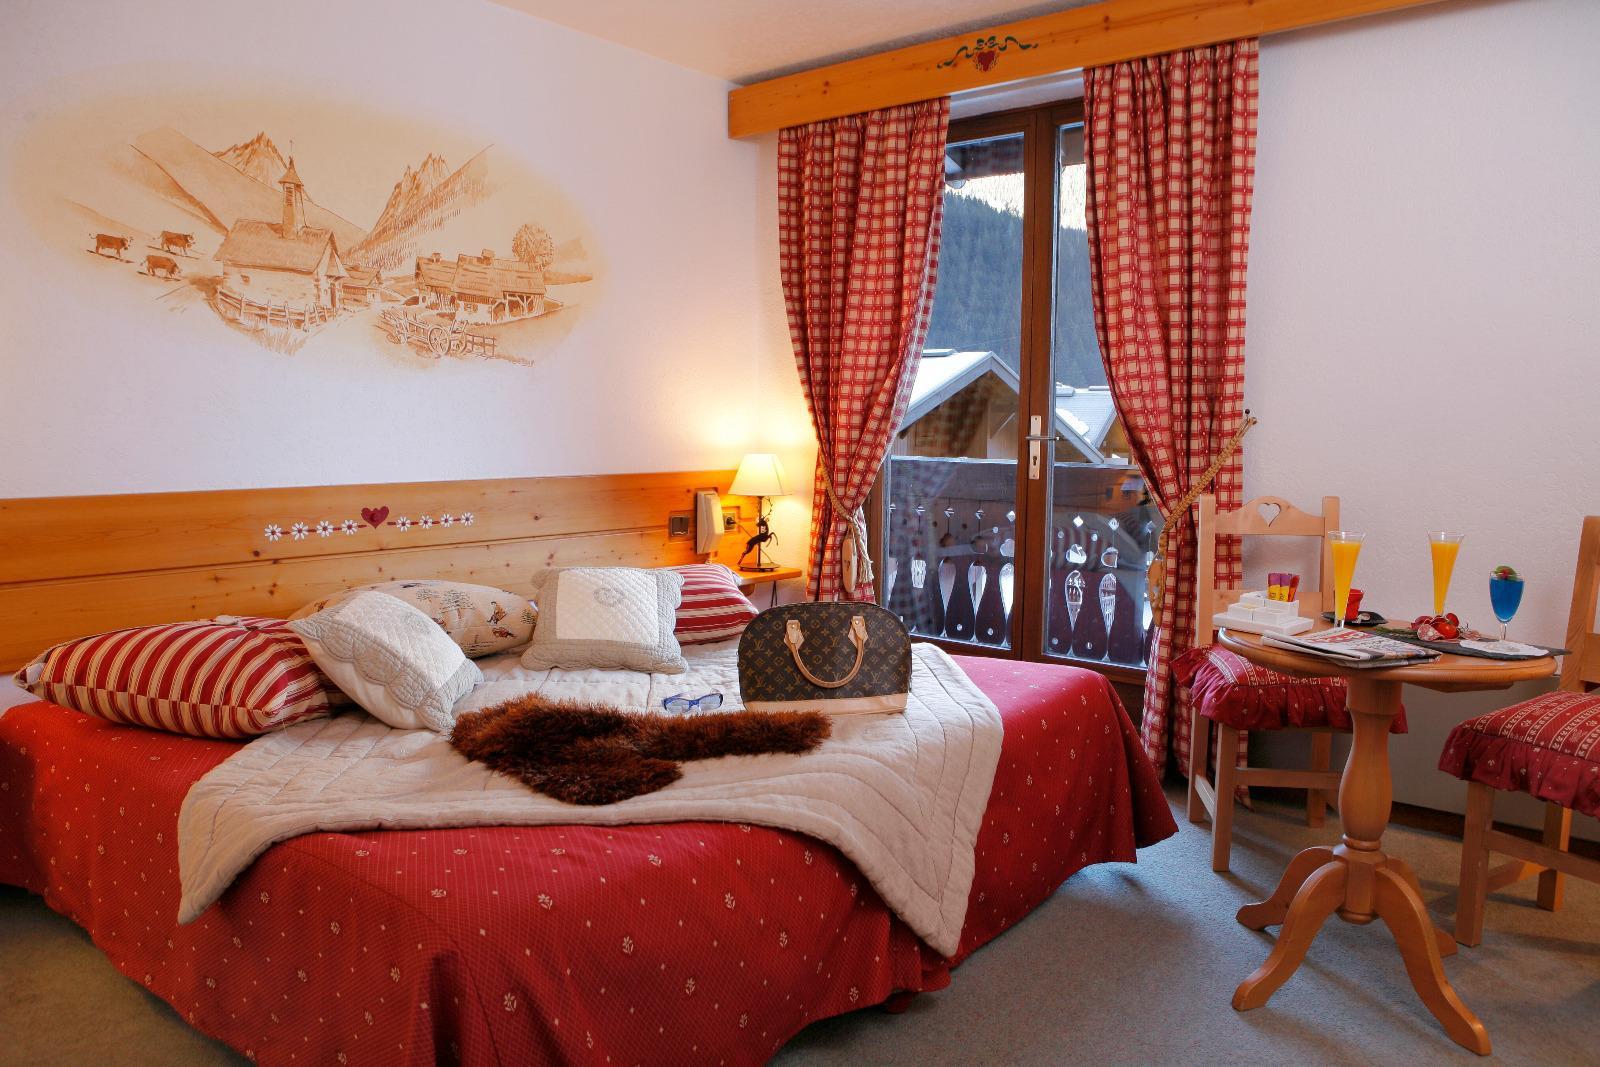 Hôtel-restaurant de dix-huit chambres à la vente donnant sur la place centrale des Houches. Surface de 996.29 m² distribuée sur cinq